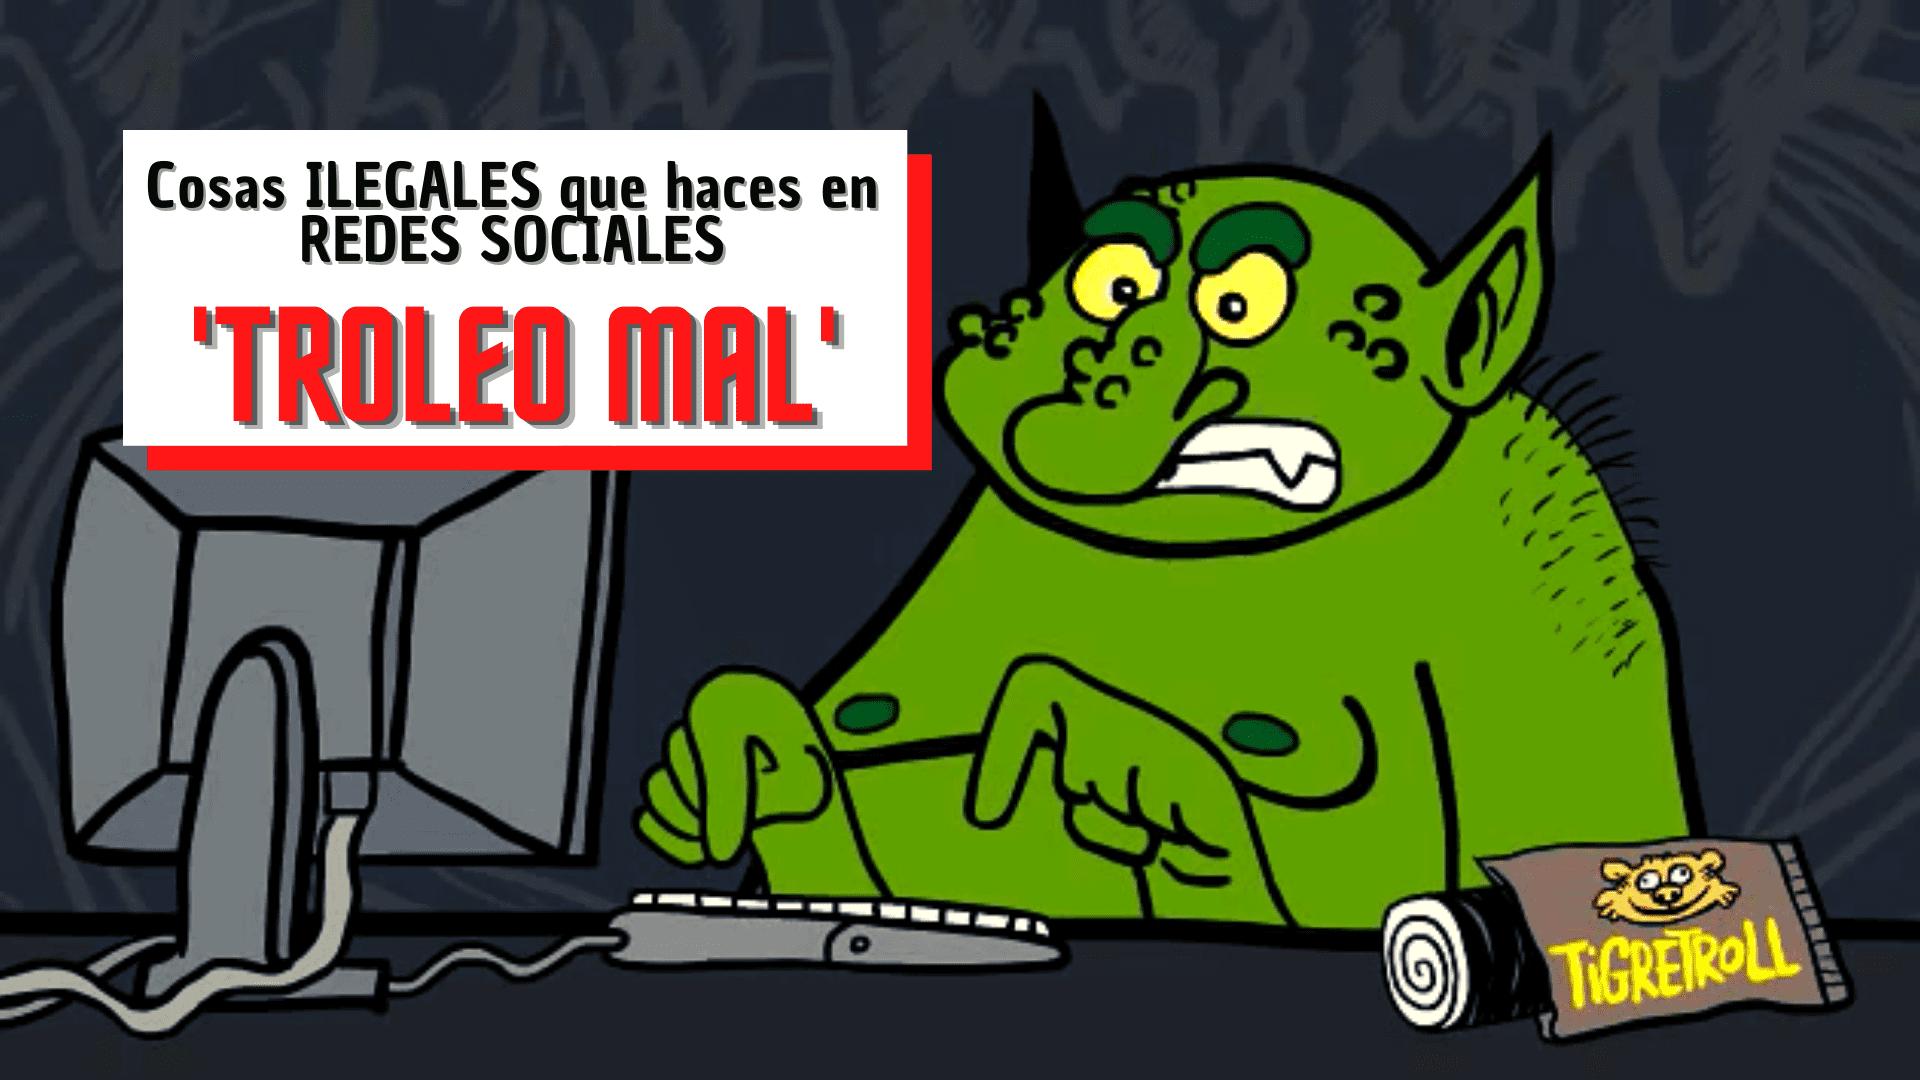 Troleo-Mal-cosas-ilegales-internet-redes-sociales